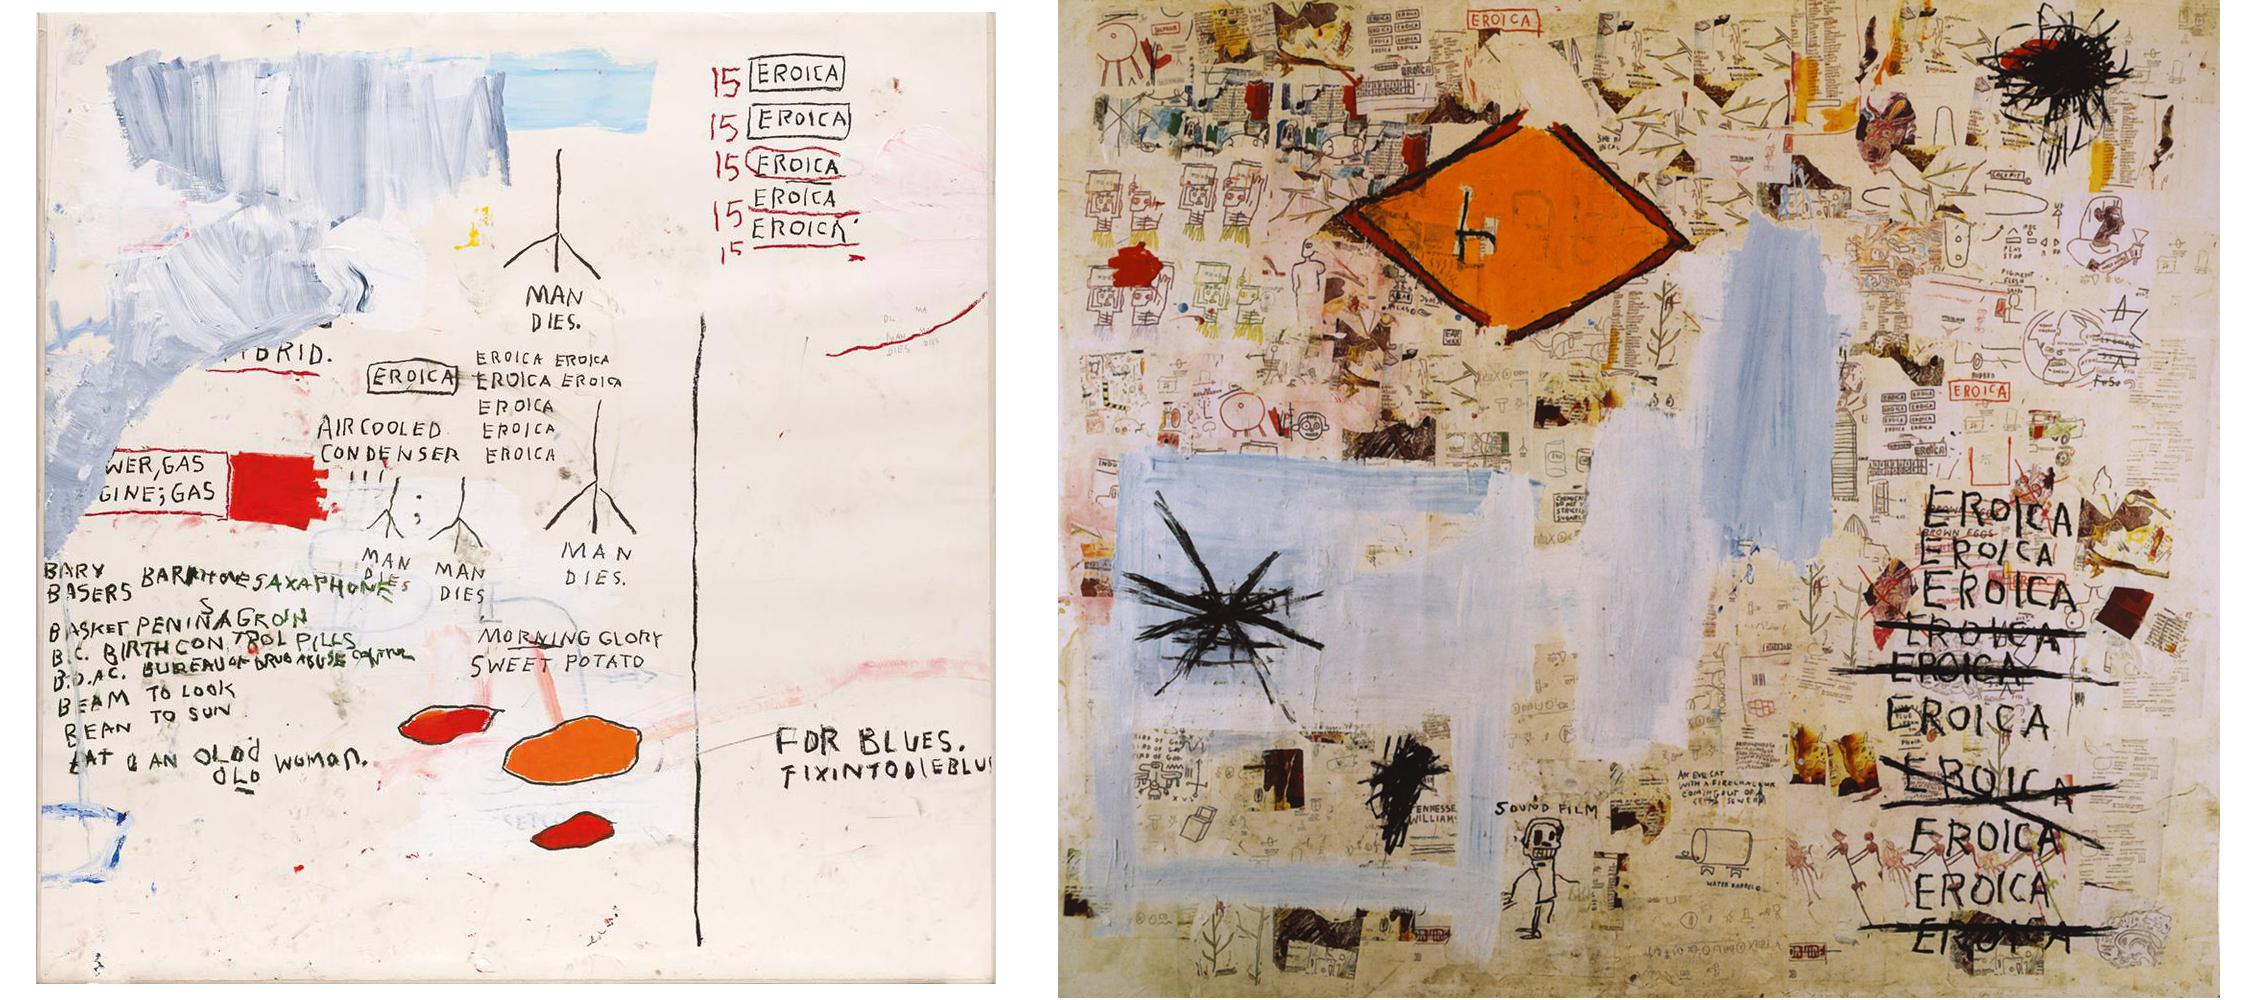 Eroica series Basquiat